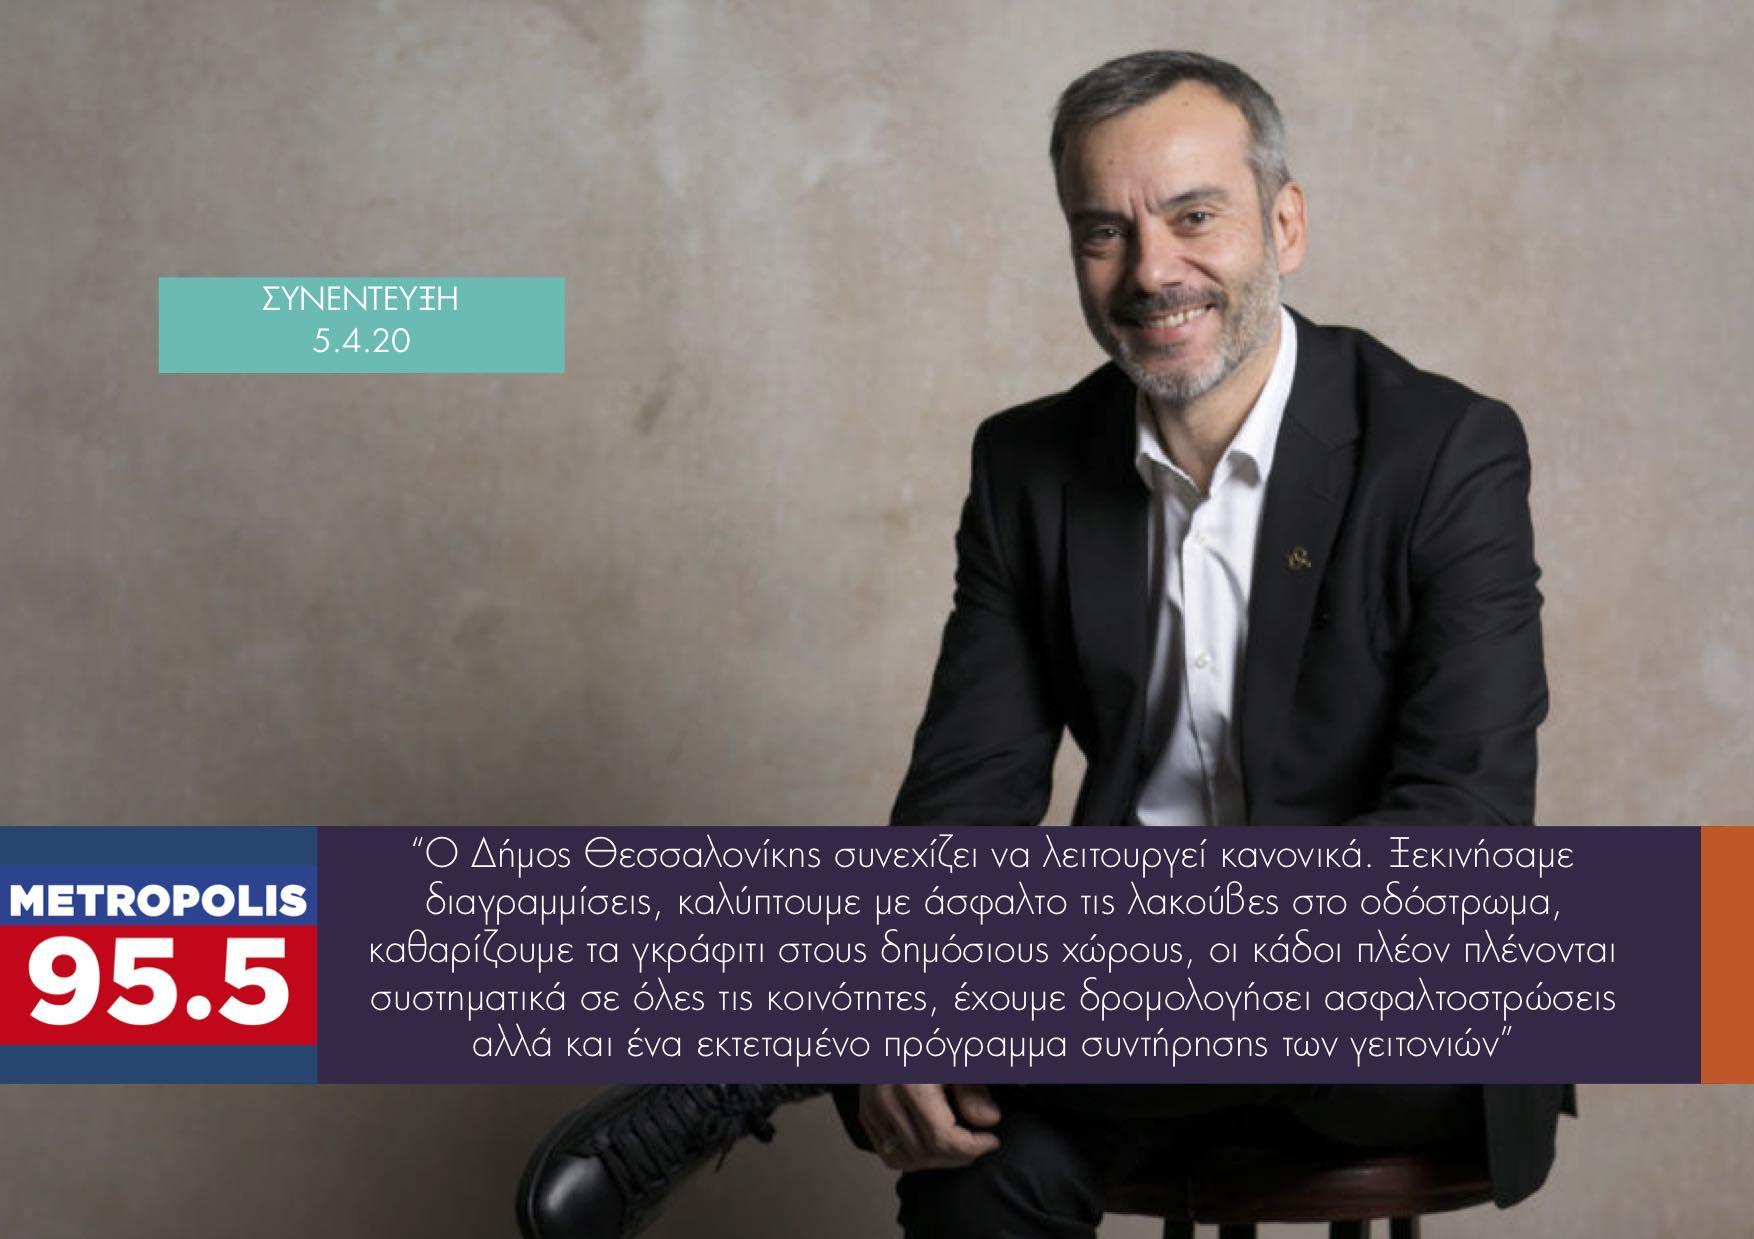 Συνέντευξη στο METROPOLIS 95.5